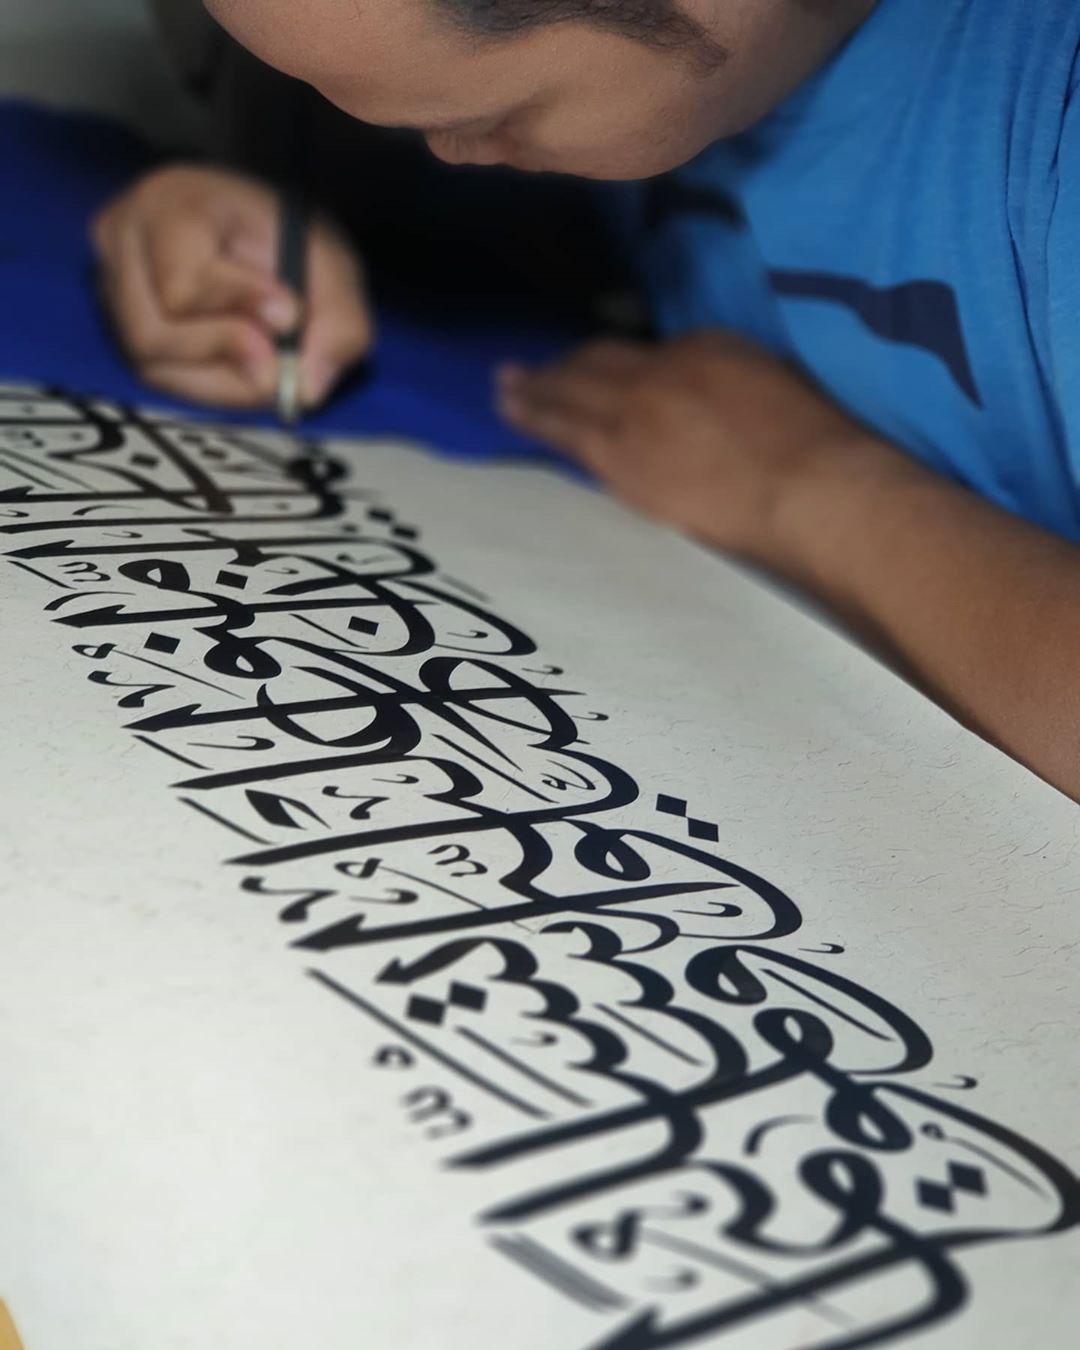 Karya Kaligrafi 2019…- Huda Purnawadi –  karya kaligrafi kompetisi Waraq Muqohhar